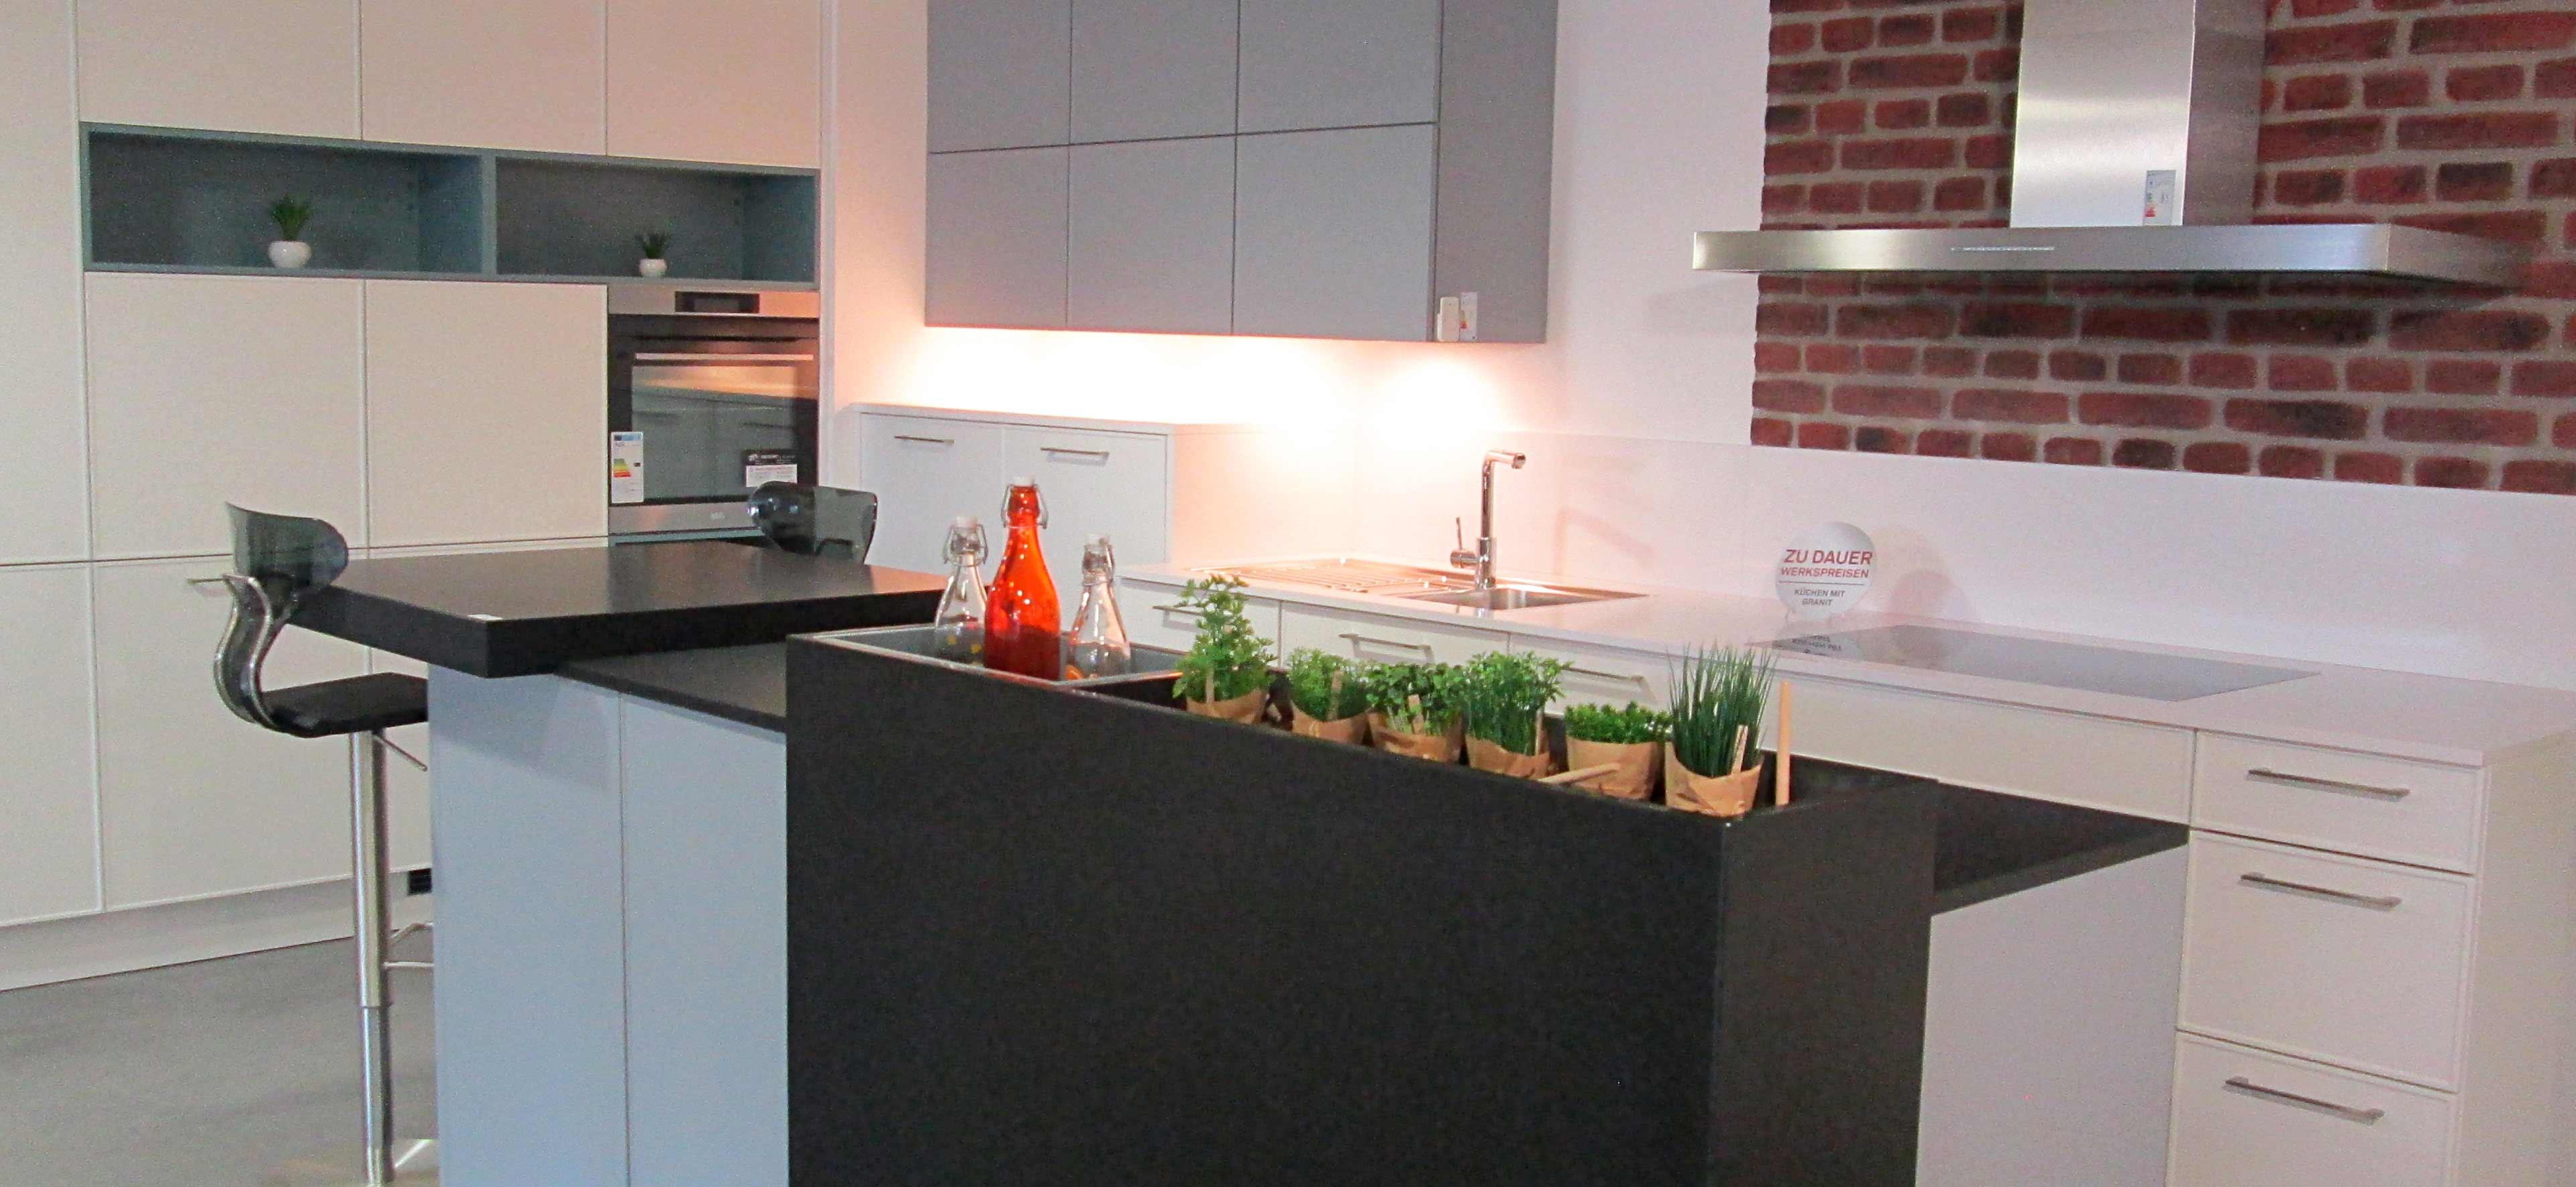 k chenstudio m nster marquardt k chen. Black Bedroom Furniture Sets. Home Design Ideas